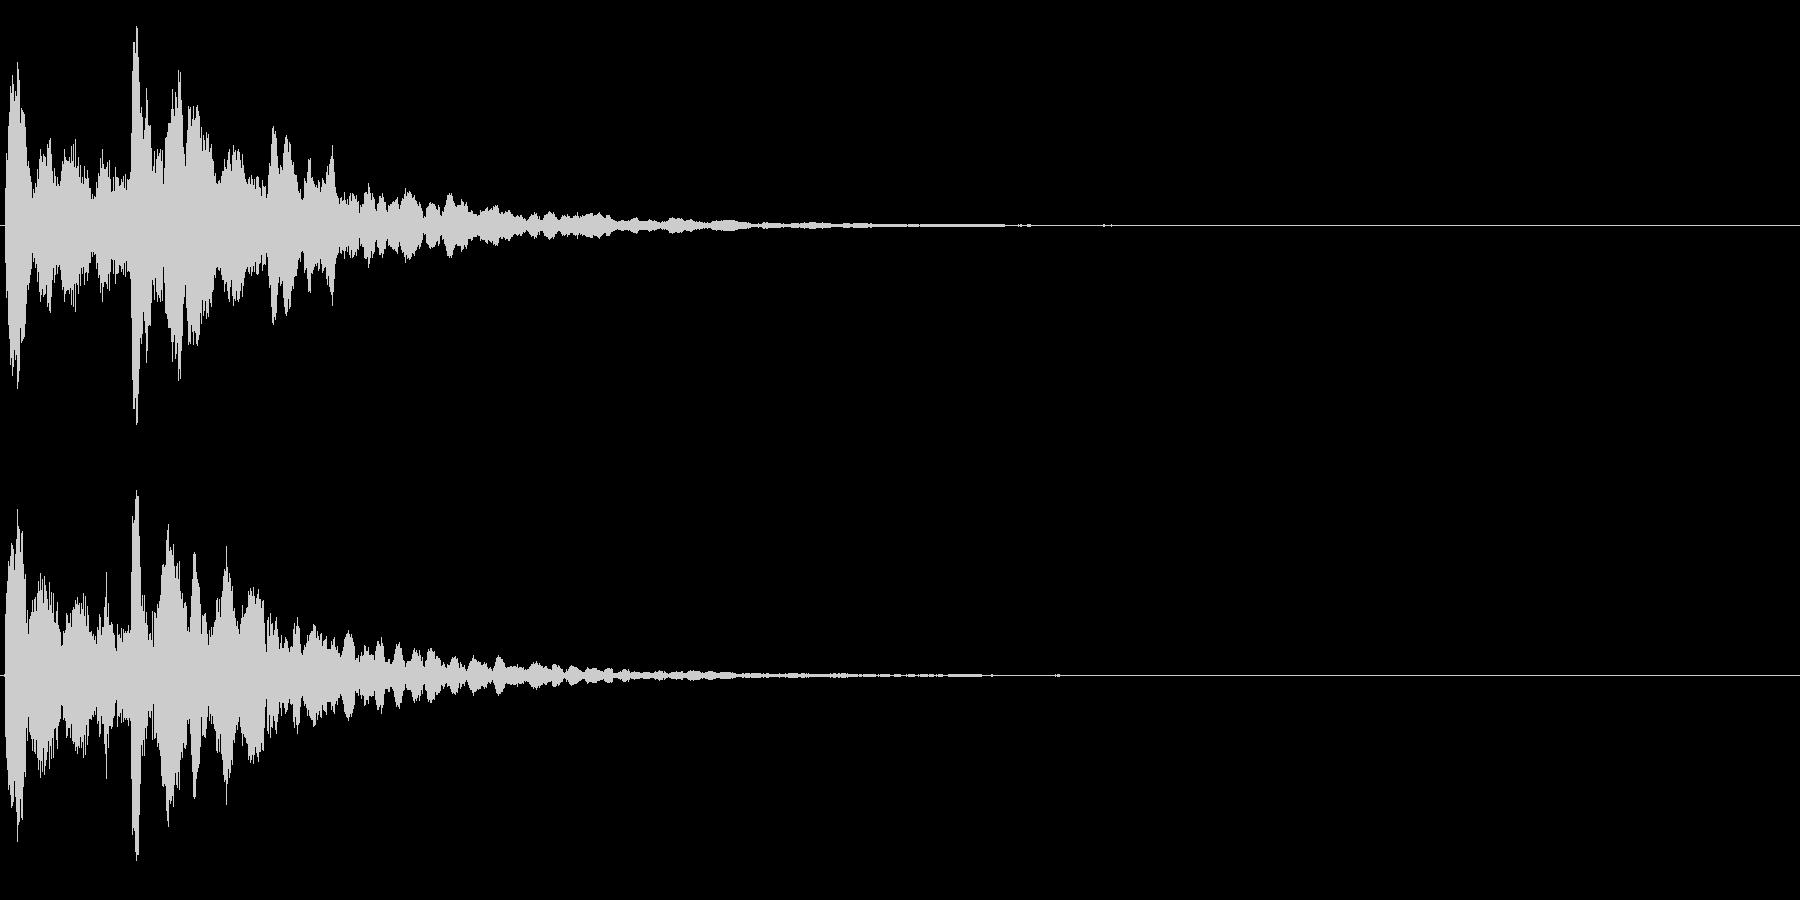 ゲームスタート、決定、ボタン音-139の未再生の波形